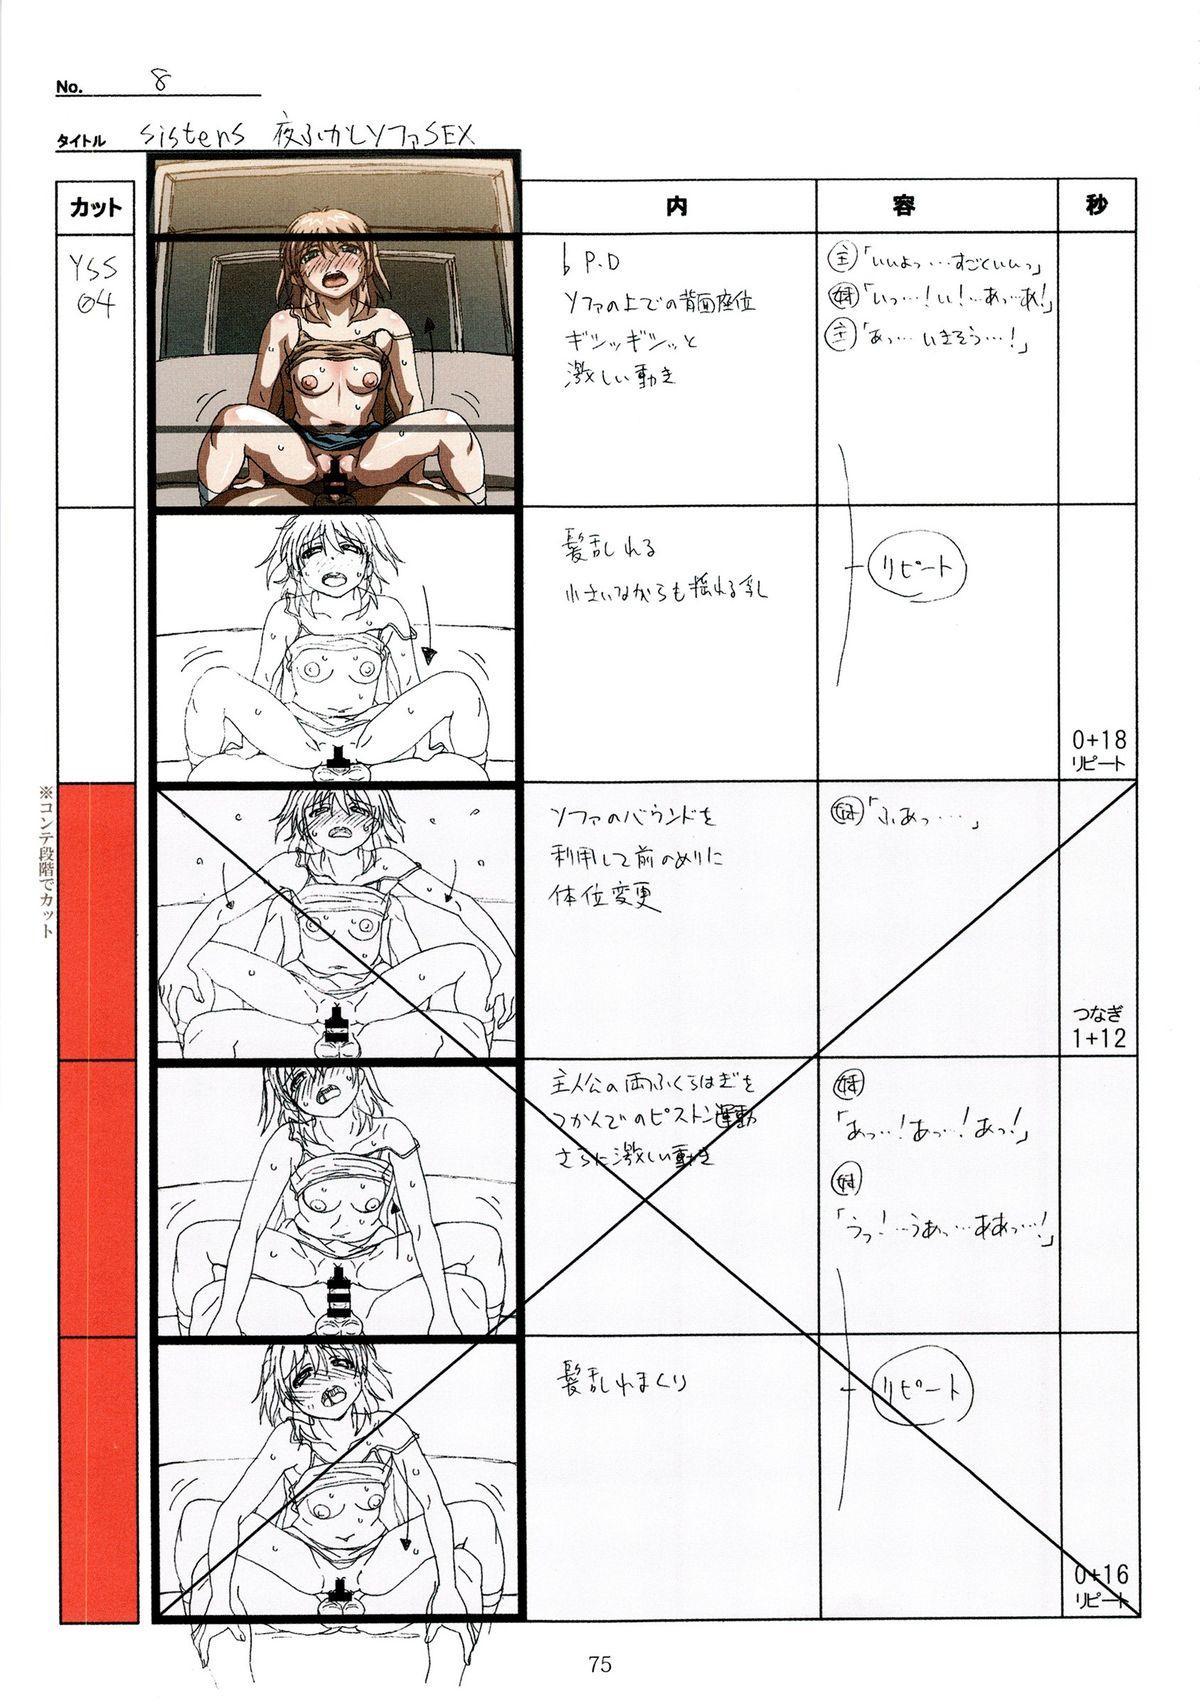 (C89) [Makino Jimusho (Taki Minashika)] SISTERS -Natsu no Saigo no Hi- H Scene All Part Storyboard (SISTERS -Natsu no Saigo no Hi-) 74